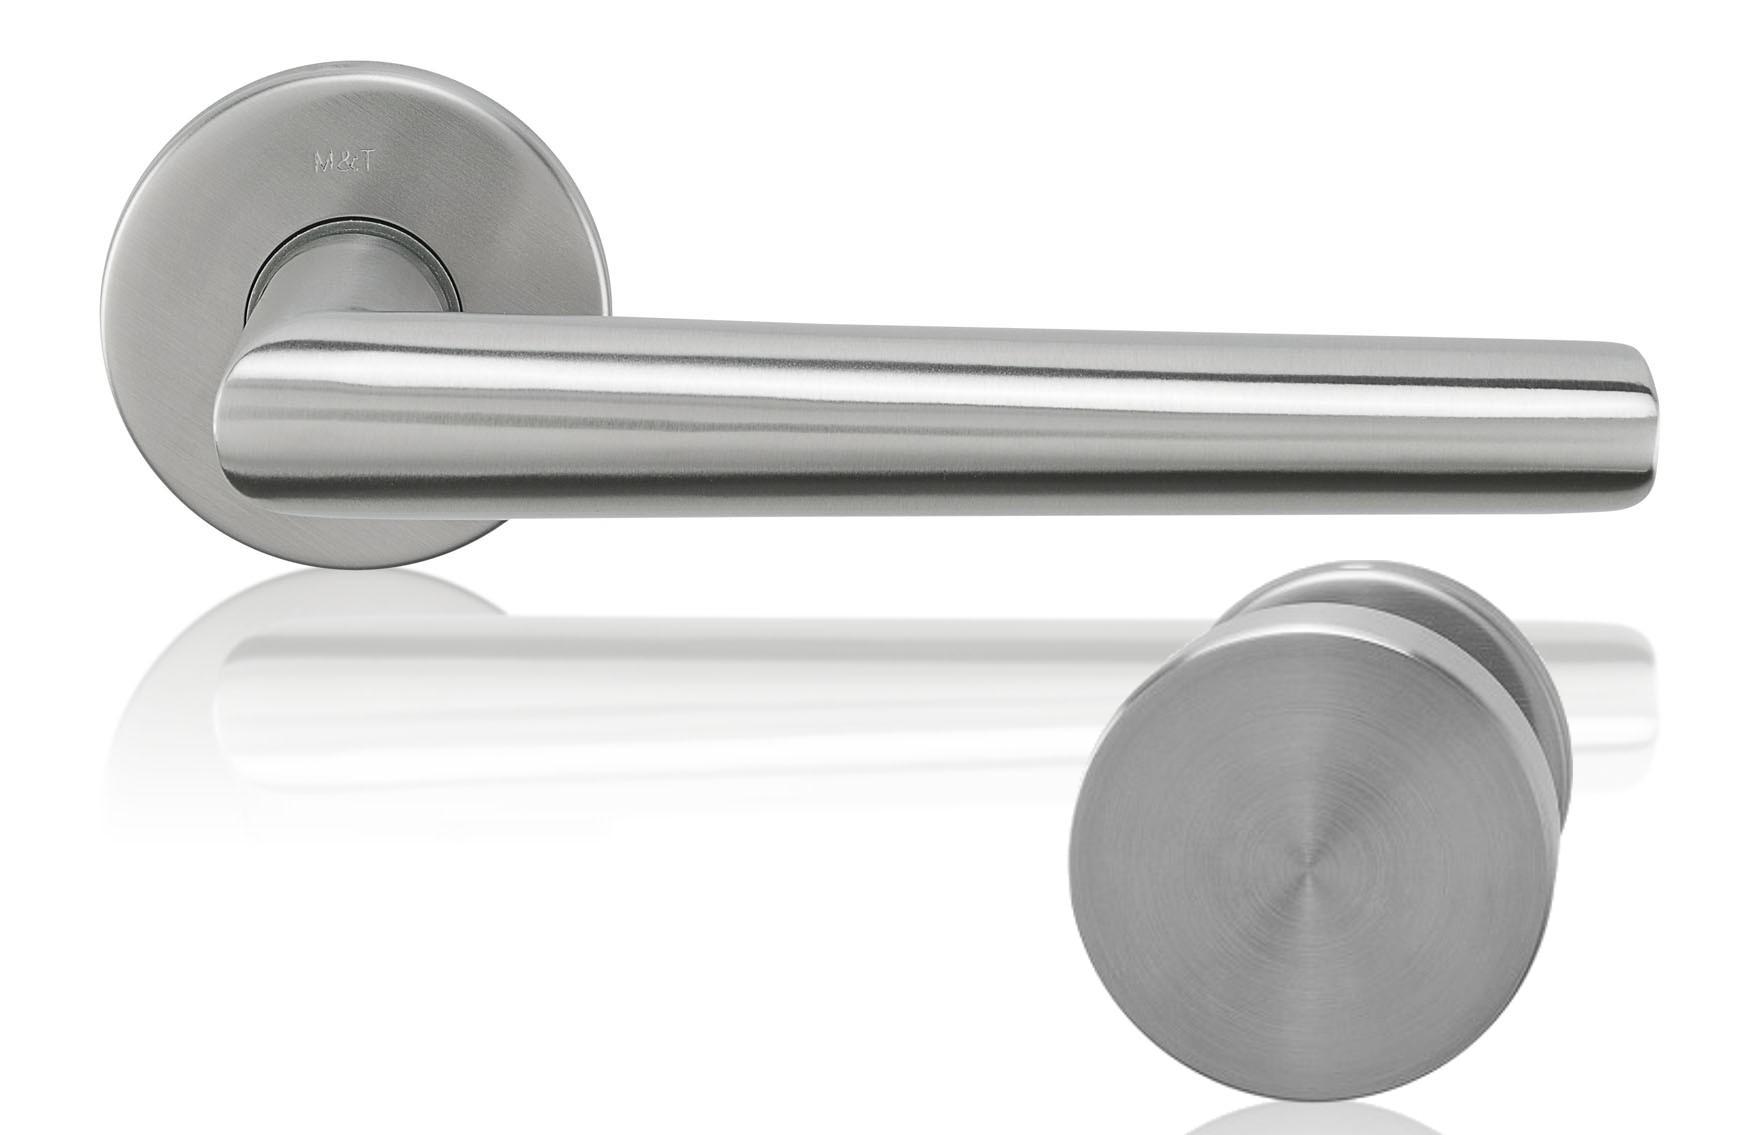 Knob-Door handle Morgan stainless steel